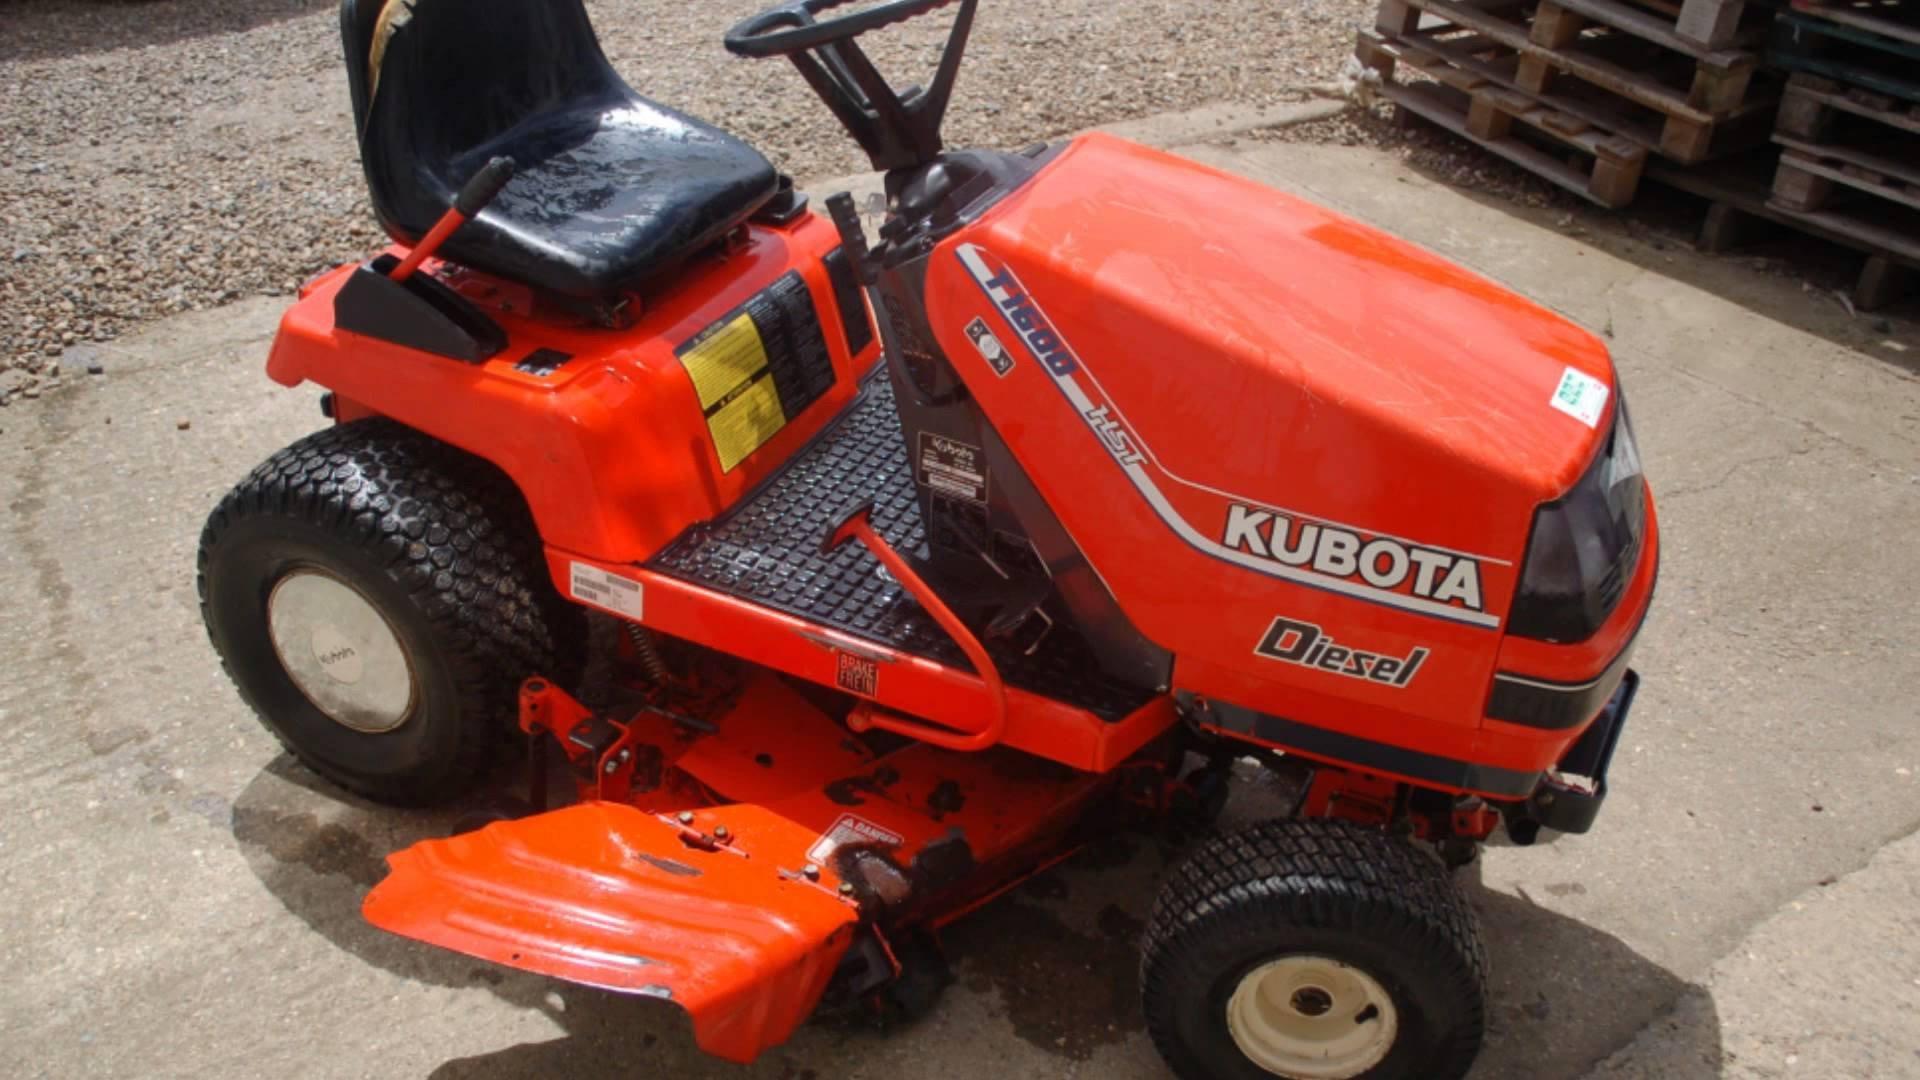 Kubota T1600 Diesel Garden Tractor Mower Workshop Service Repair Manual